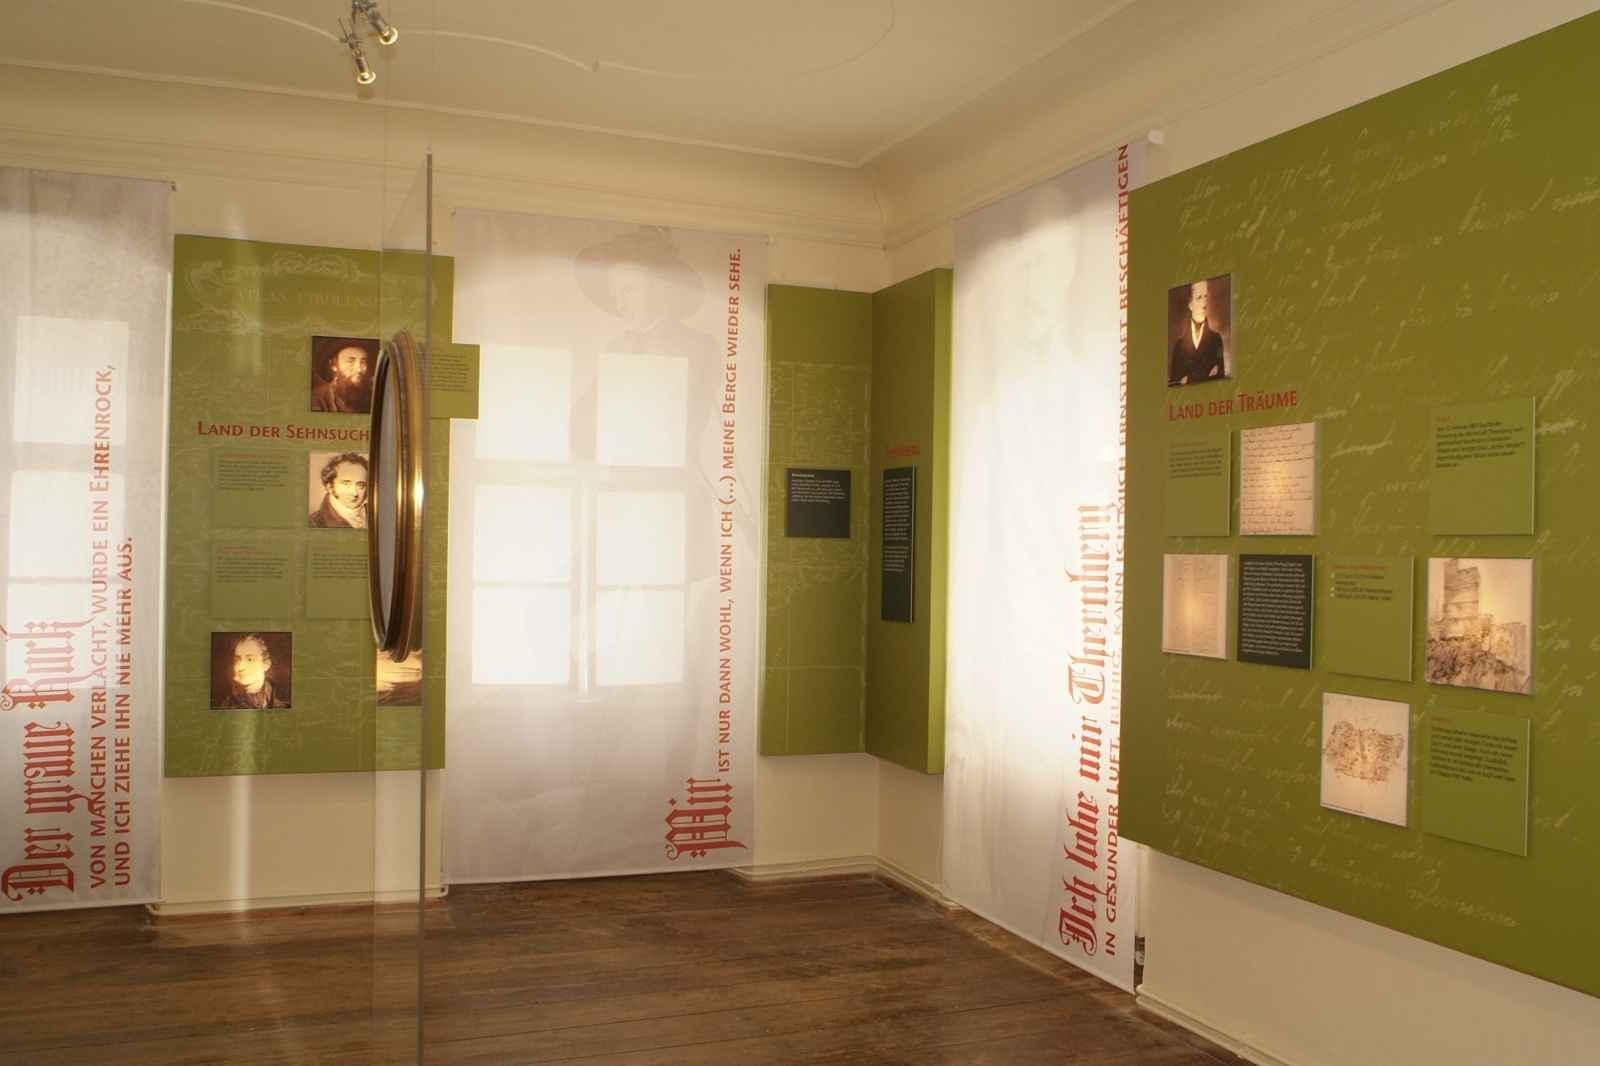 Pfarrhaus Erzherzog Johann mit Wandschale und transparente Vorhänge